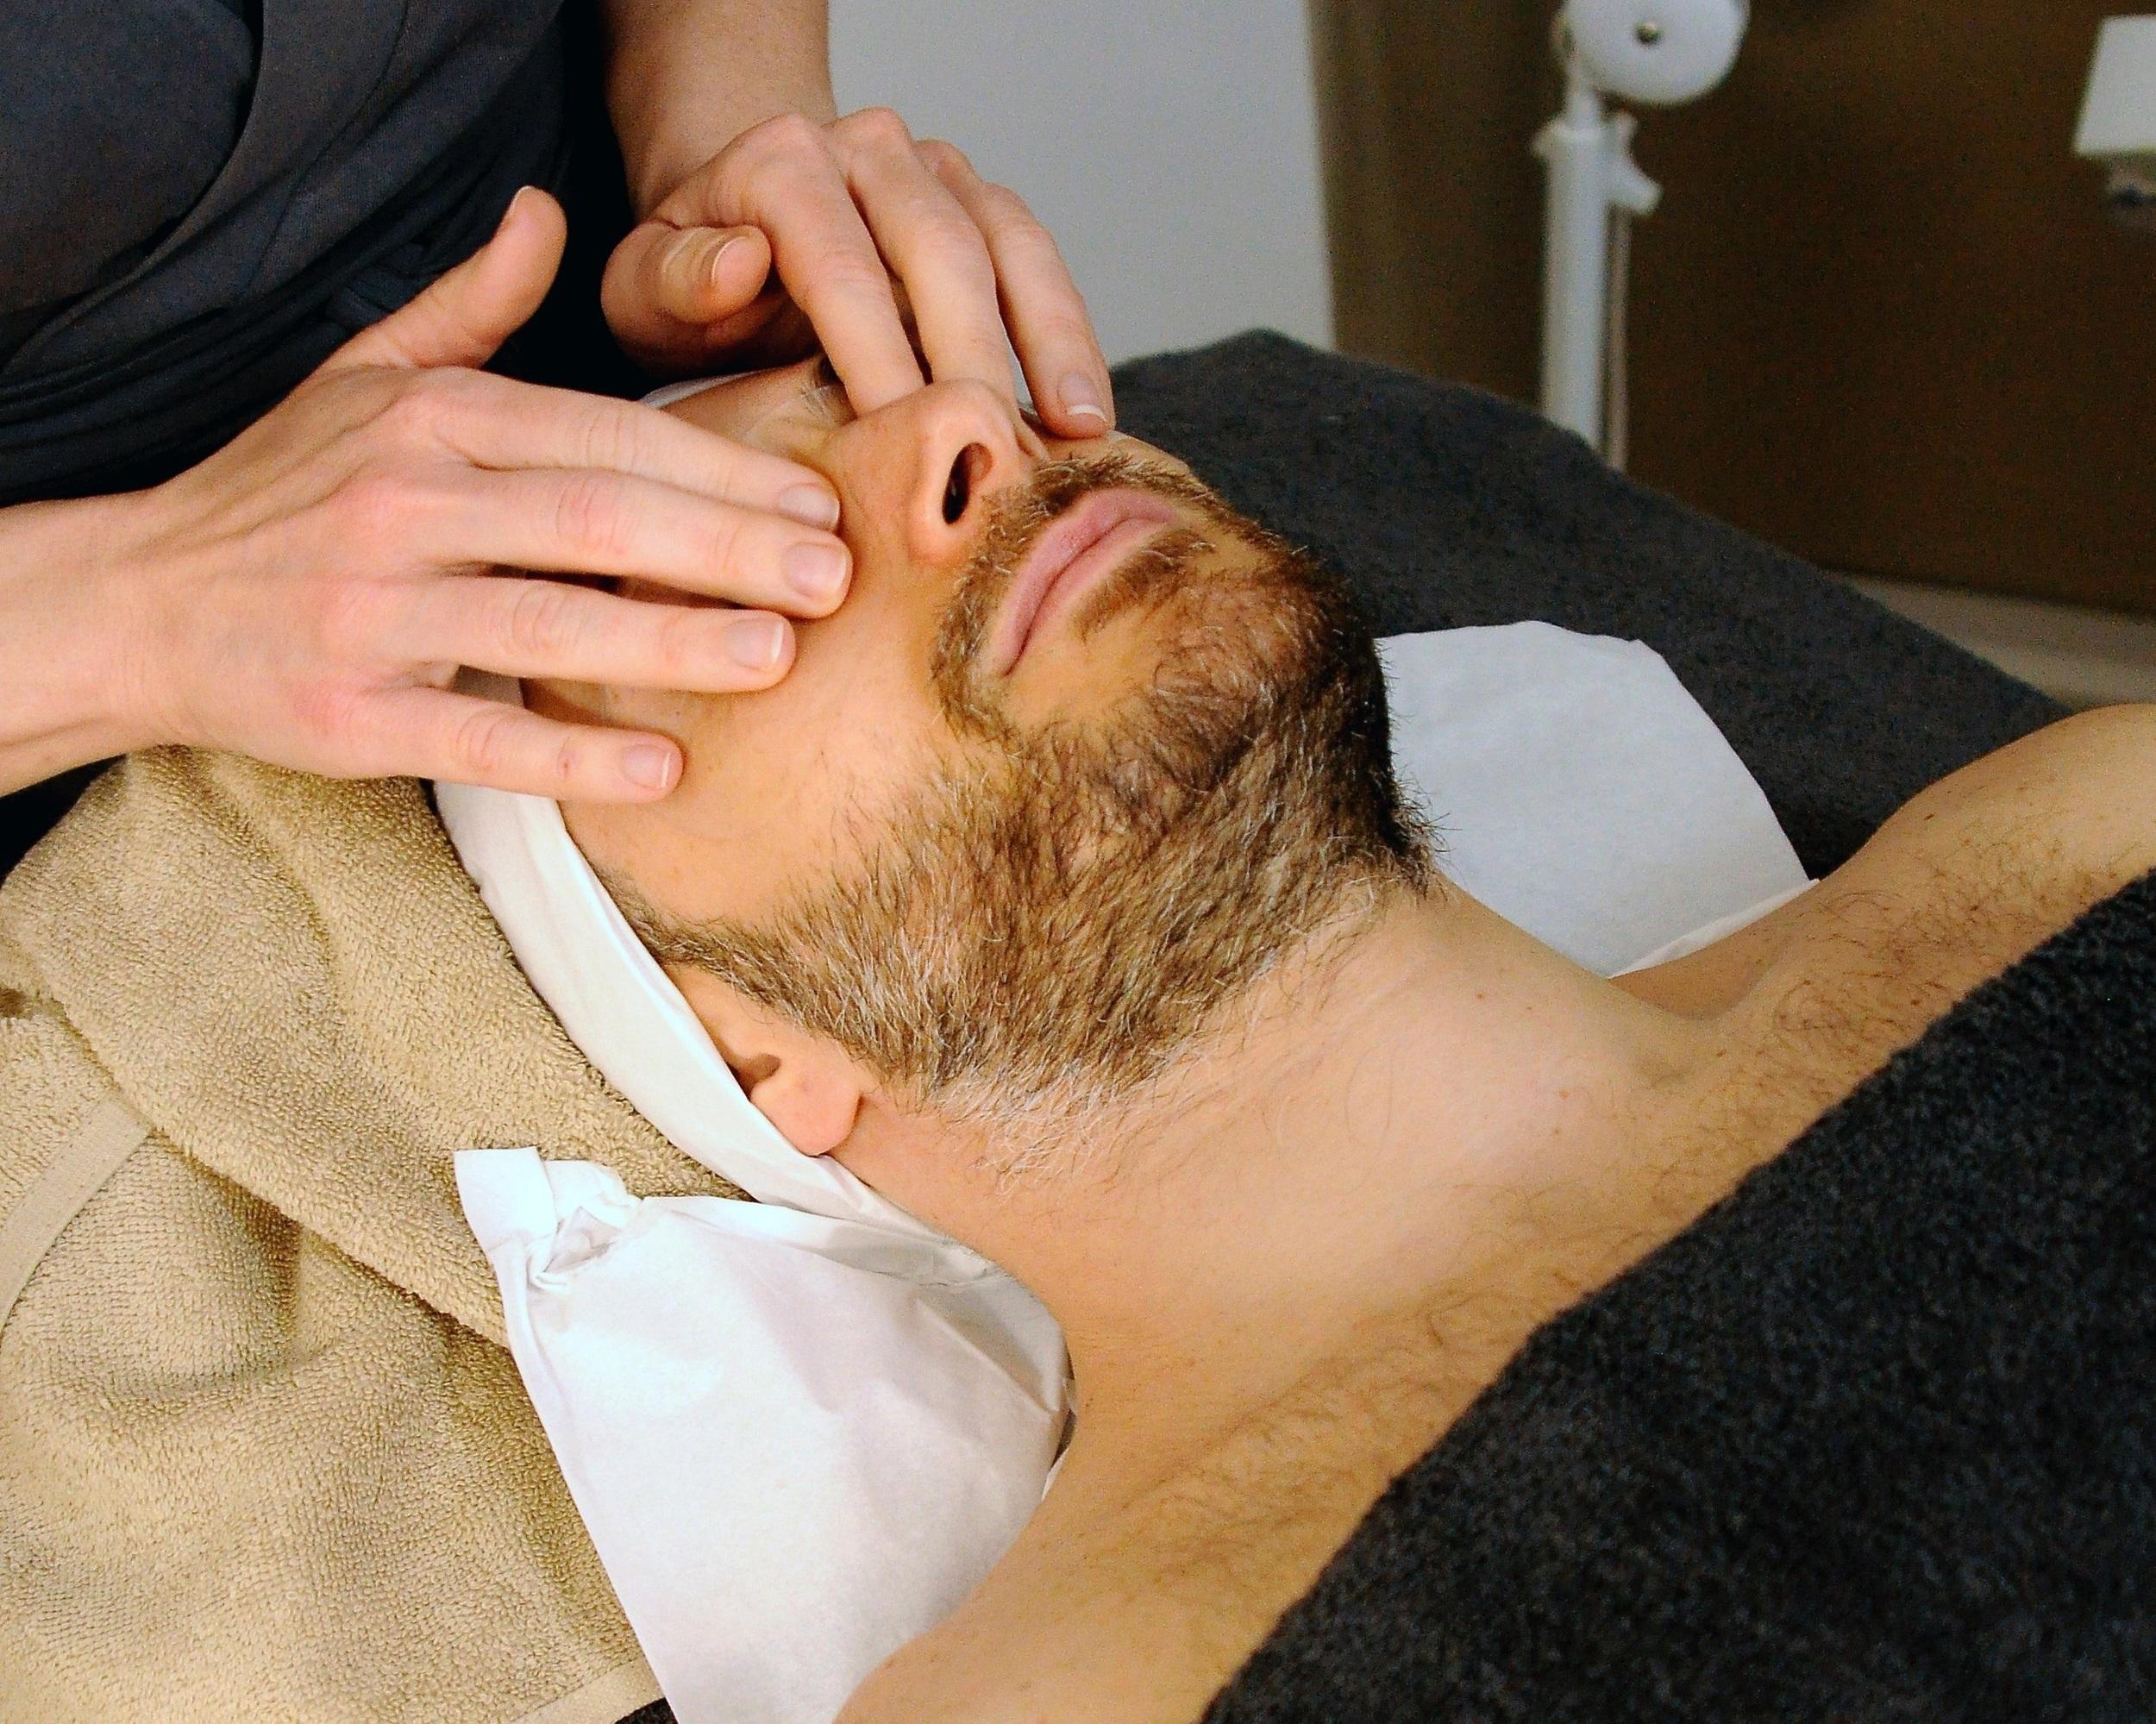 MIKSI VALITA JUURI NANNIC PREMIUM RADIOFREKVENSSI? - Mandarin Spa`ssa on kansainvälisesti markkinoiden johtava Nannic radiofrekvenssi-laitteisto.Nannic on menestystarina nykyaikaisessa ja tuloshakuisessa ihonhoidossa, jossa hoito tehdään ilman kirurgisia toimenpiteitä.Nannic-laboratorio ja tuotekehitys sijaitsevat Belgiassa. Nannic on maailmalla arvostettu kiinteyttävien ja tuloksellisten hoitojen ykkösnimi, ja se tekee jatkuvasti kansainvälistä tutkimus- ja yhteistyötä.Useita laitteita käyttäneenä ja jo tuhansien asiakkaiden kokemuksia kuulleena voimme aidosti todeta Nannic Premium -laitteiden tehokkuuden. On ollut ilo olla mukana Nannic-menestystarinassa ja tarjota tätä ehdottomasti suosituinta hoitoa asiakkaillemme.